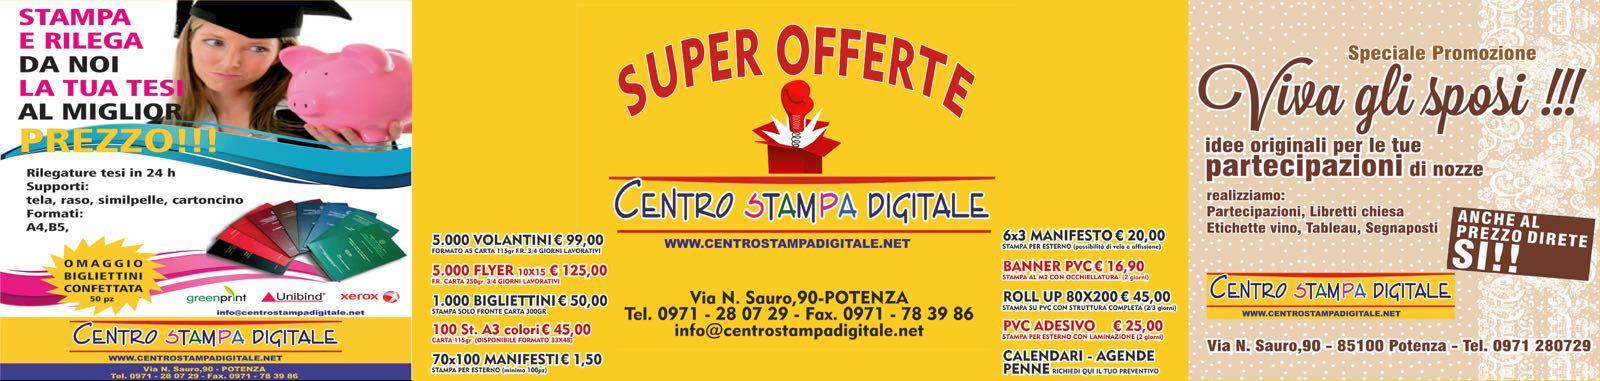 Centro Stampa Digitale